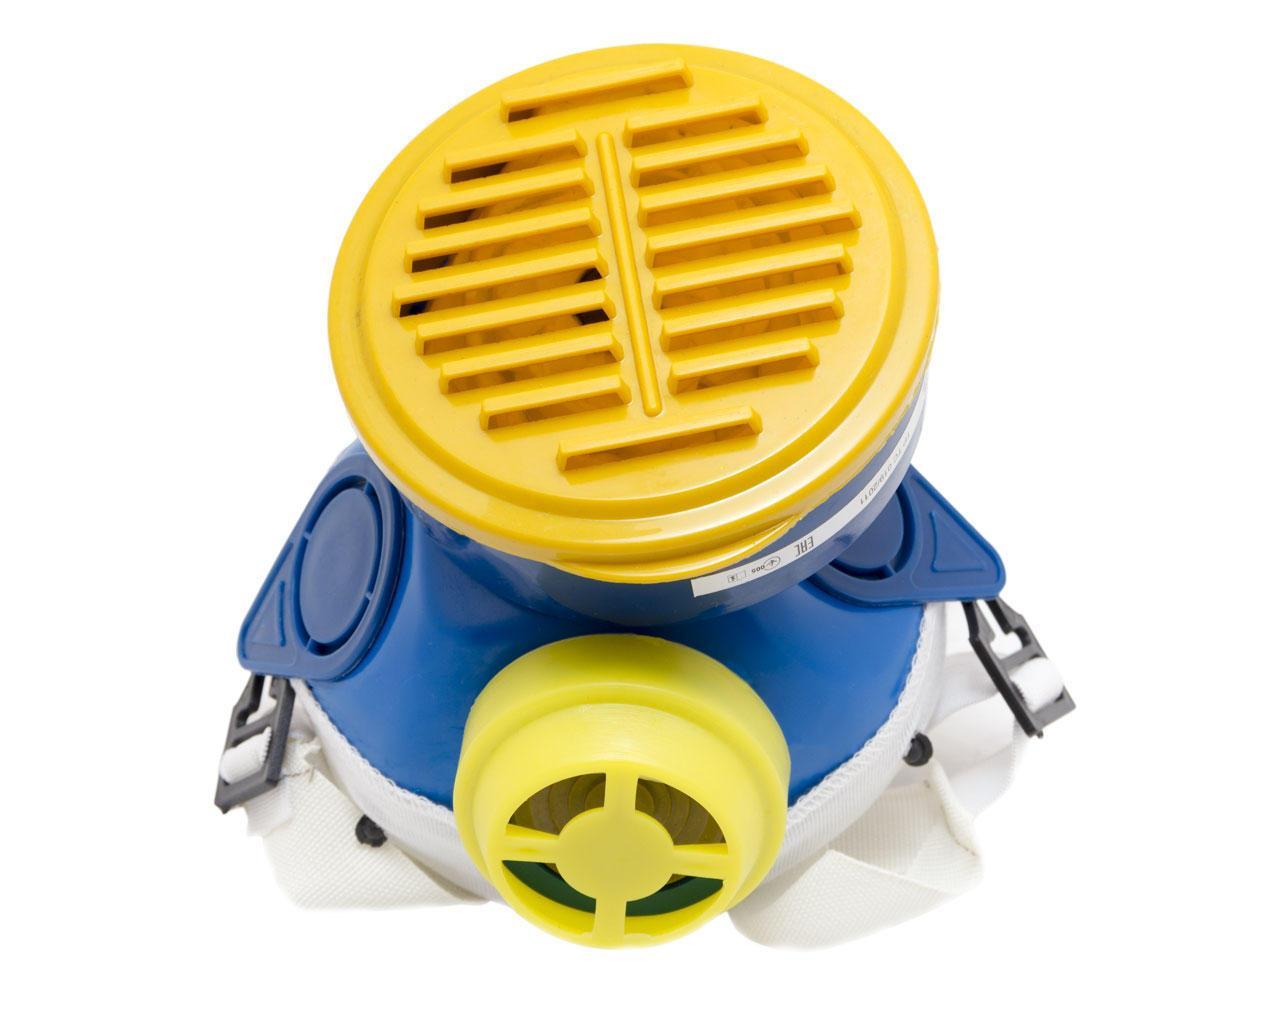 Респиратор Пульс-М Горловка с 1 фильтром (фильтр ПФ1А, ткань НФП)